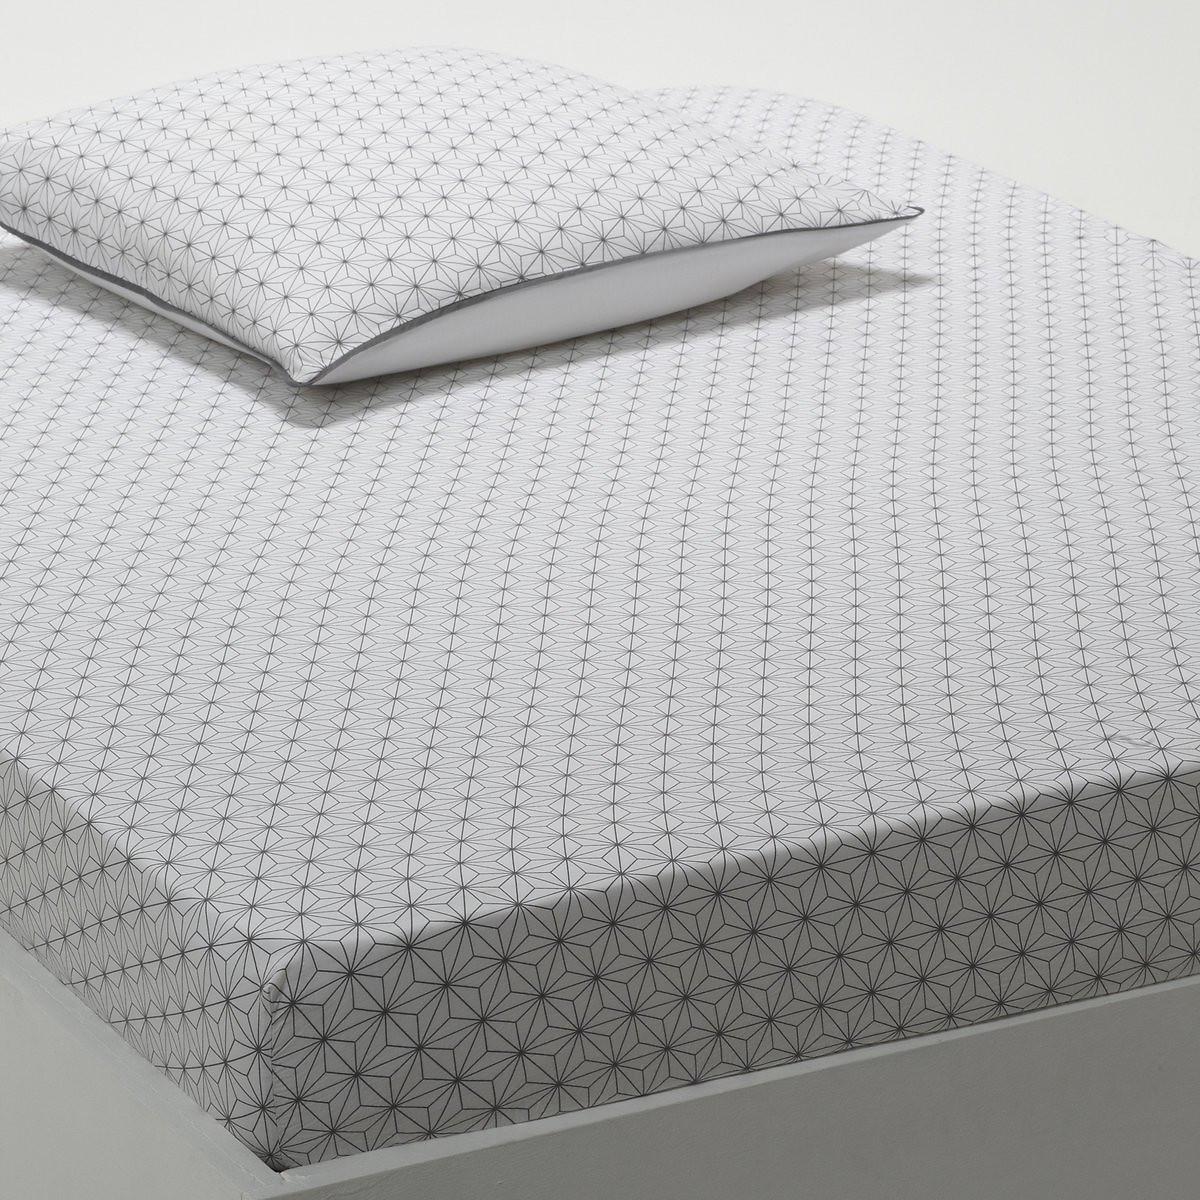 Натяжная простыня LaRedoute Из хлопка Nordic 180 x 200 см белый